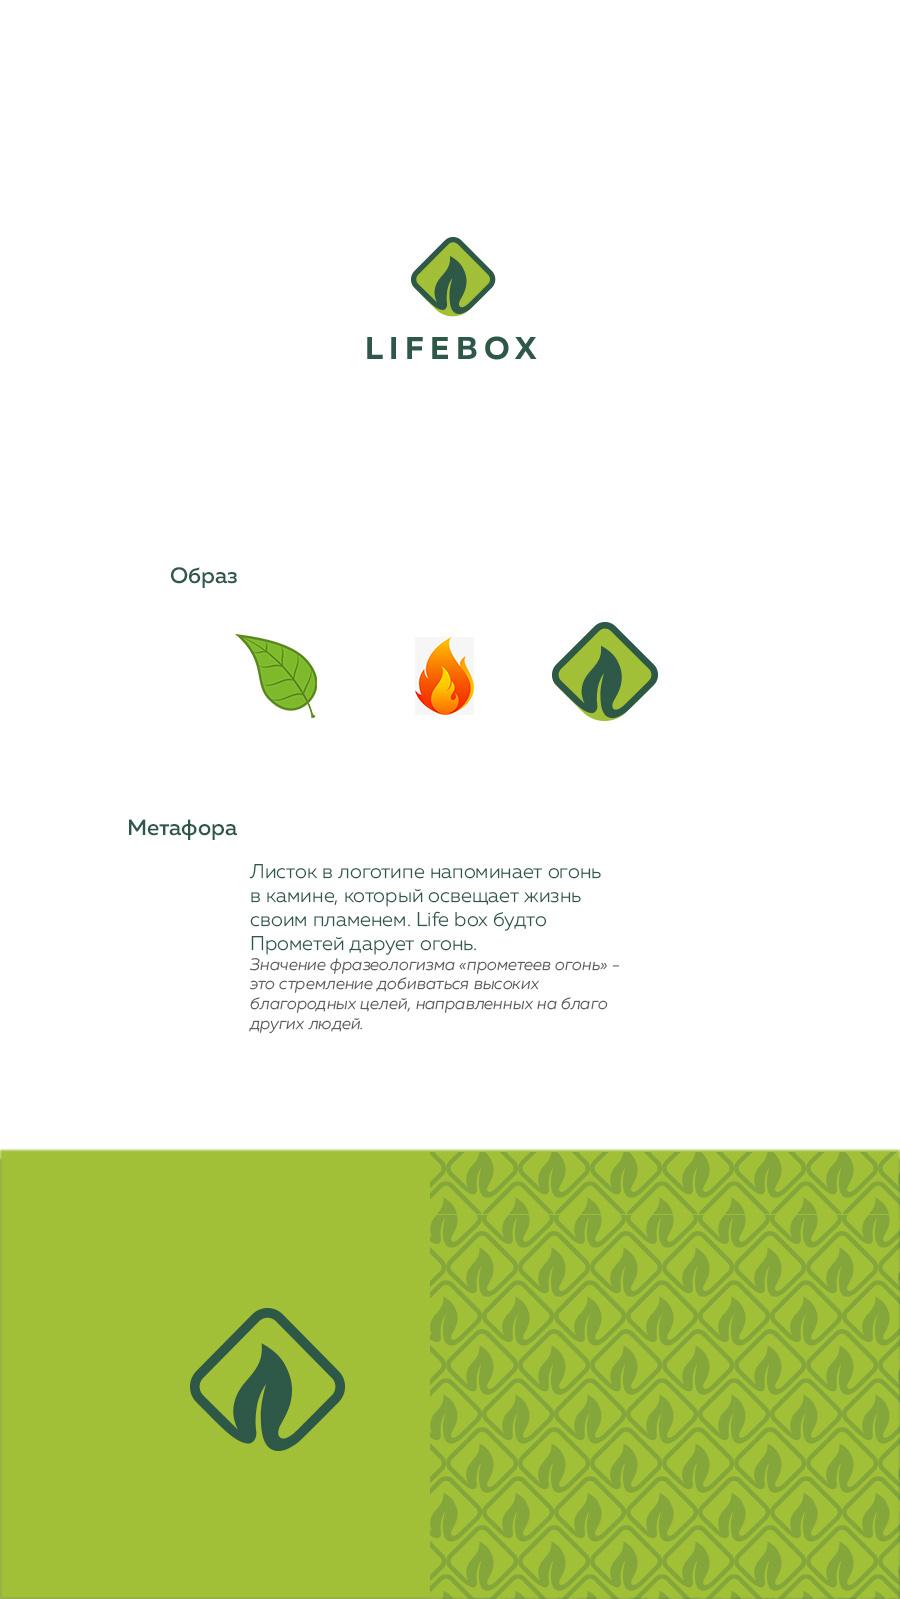 Разработка Логотипа. Победитель получит расширеный заказ  фото f_8285c4c26bc3669d.jpg